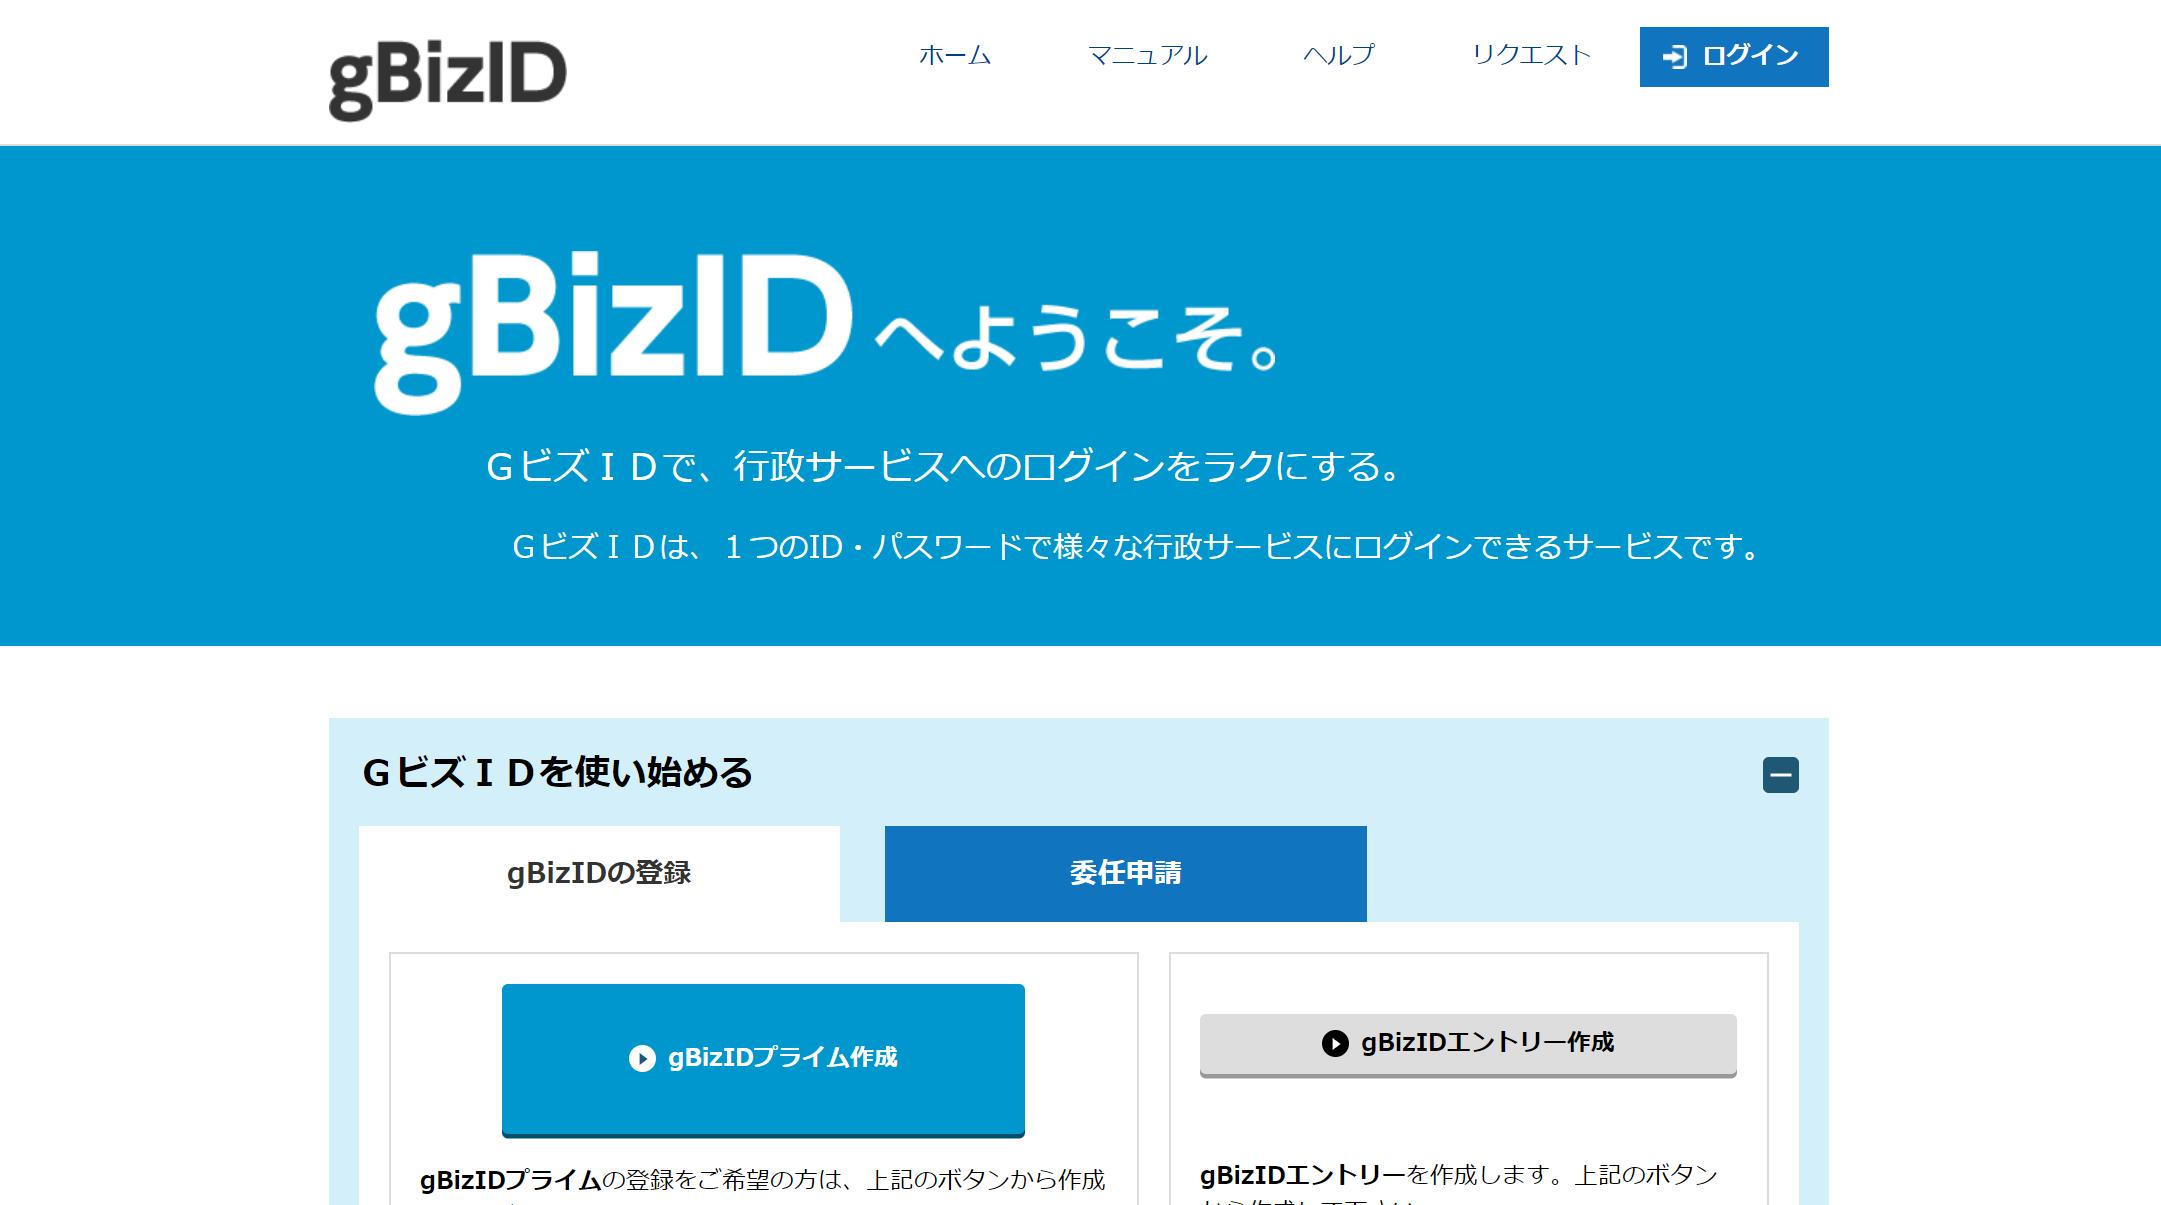 gBIZのホームページ